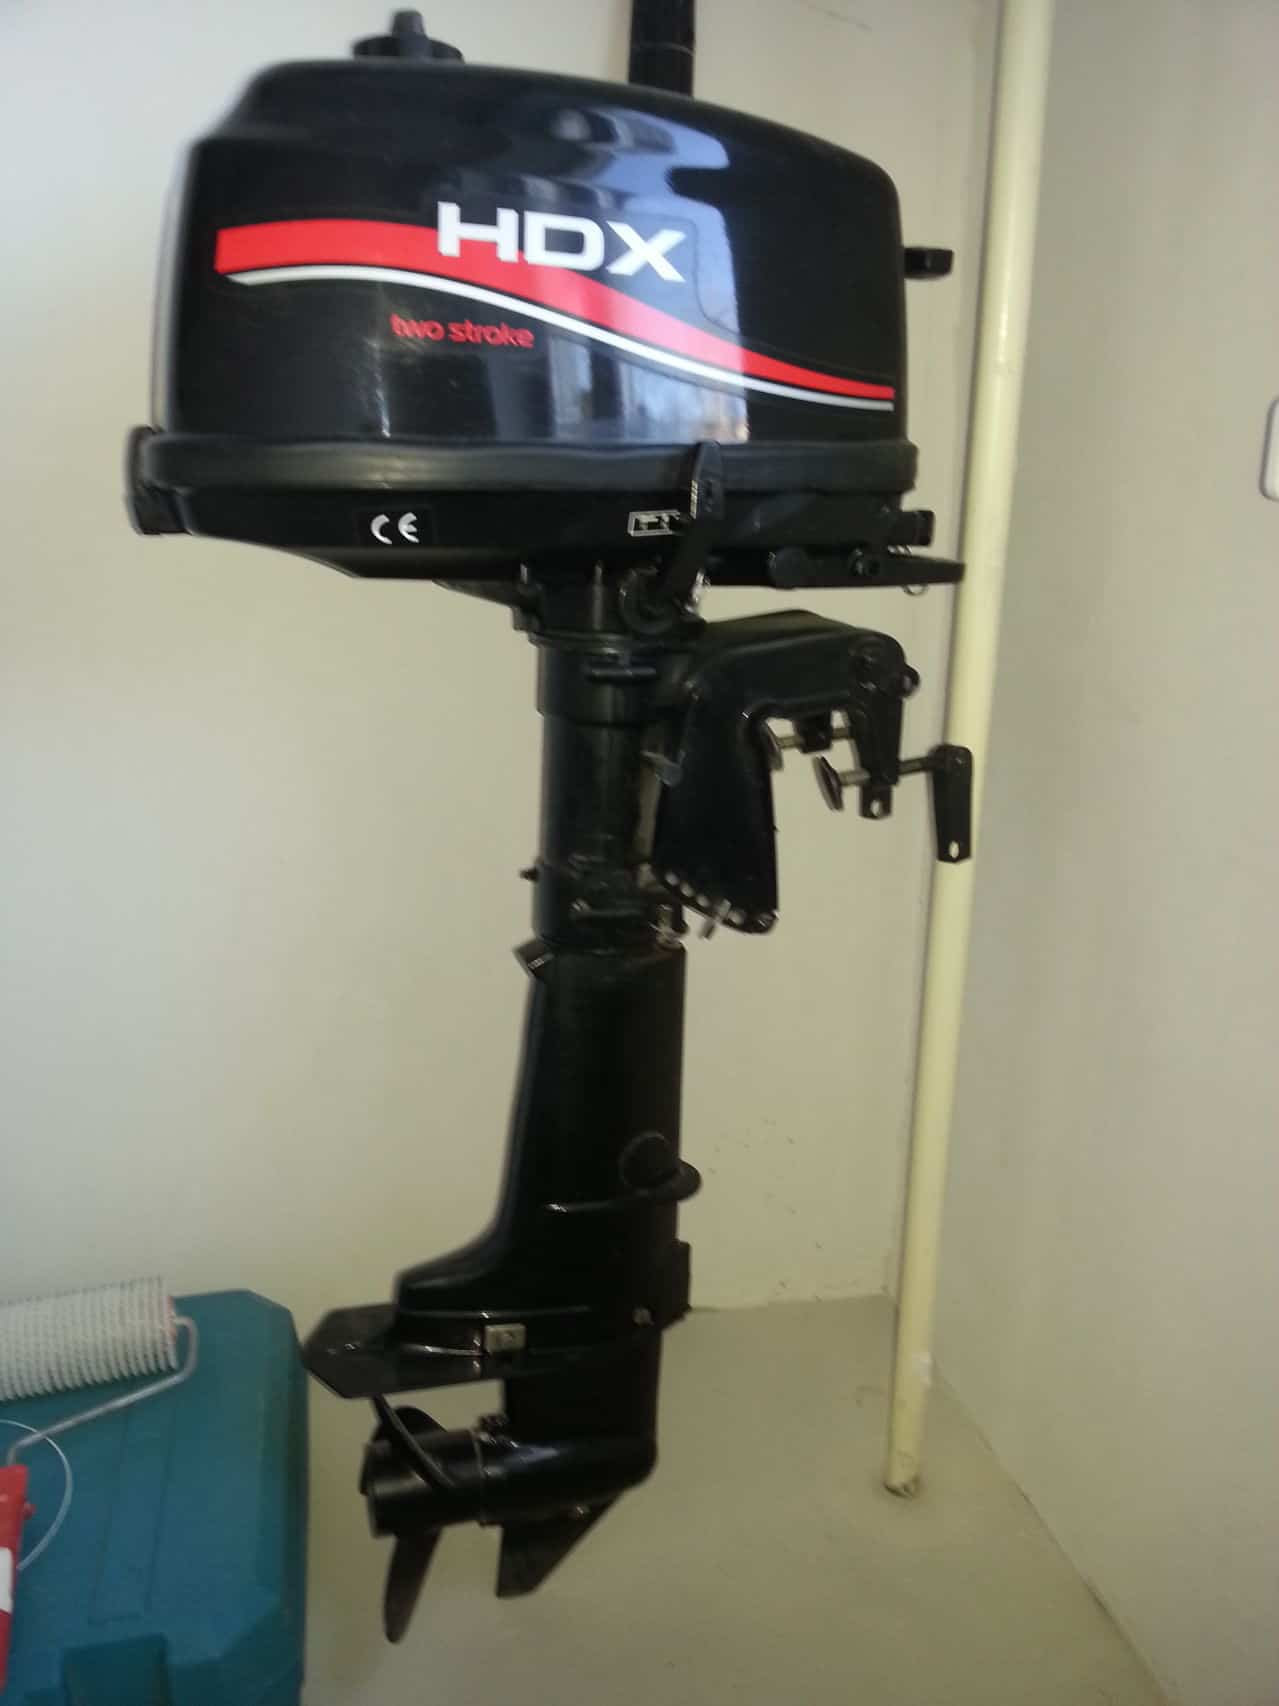 Где купить в москве лодочный мотор hdx